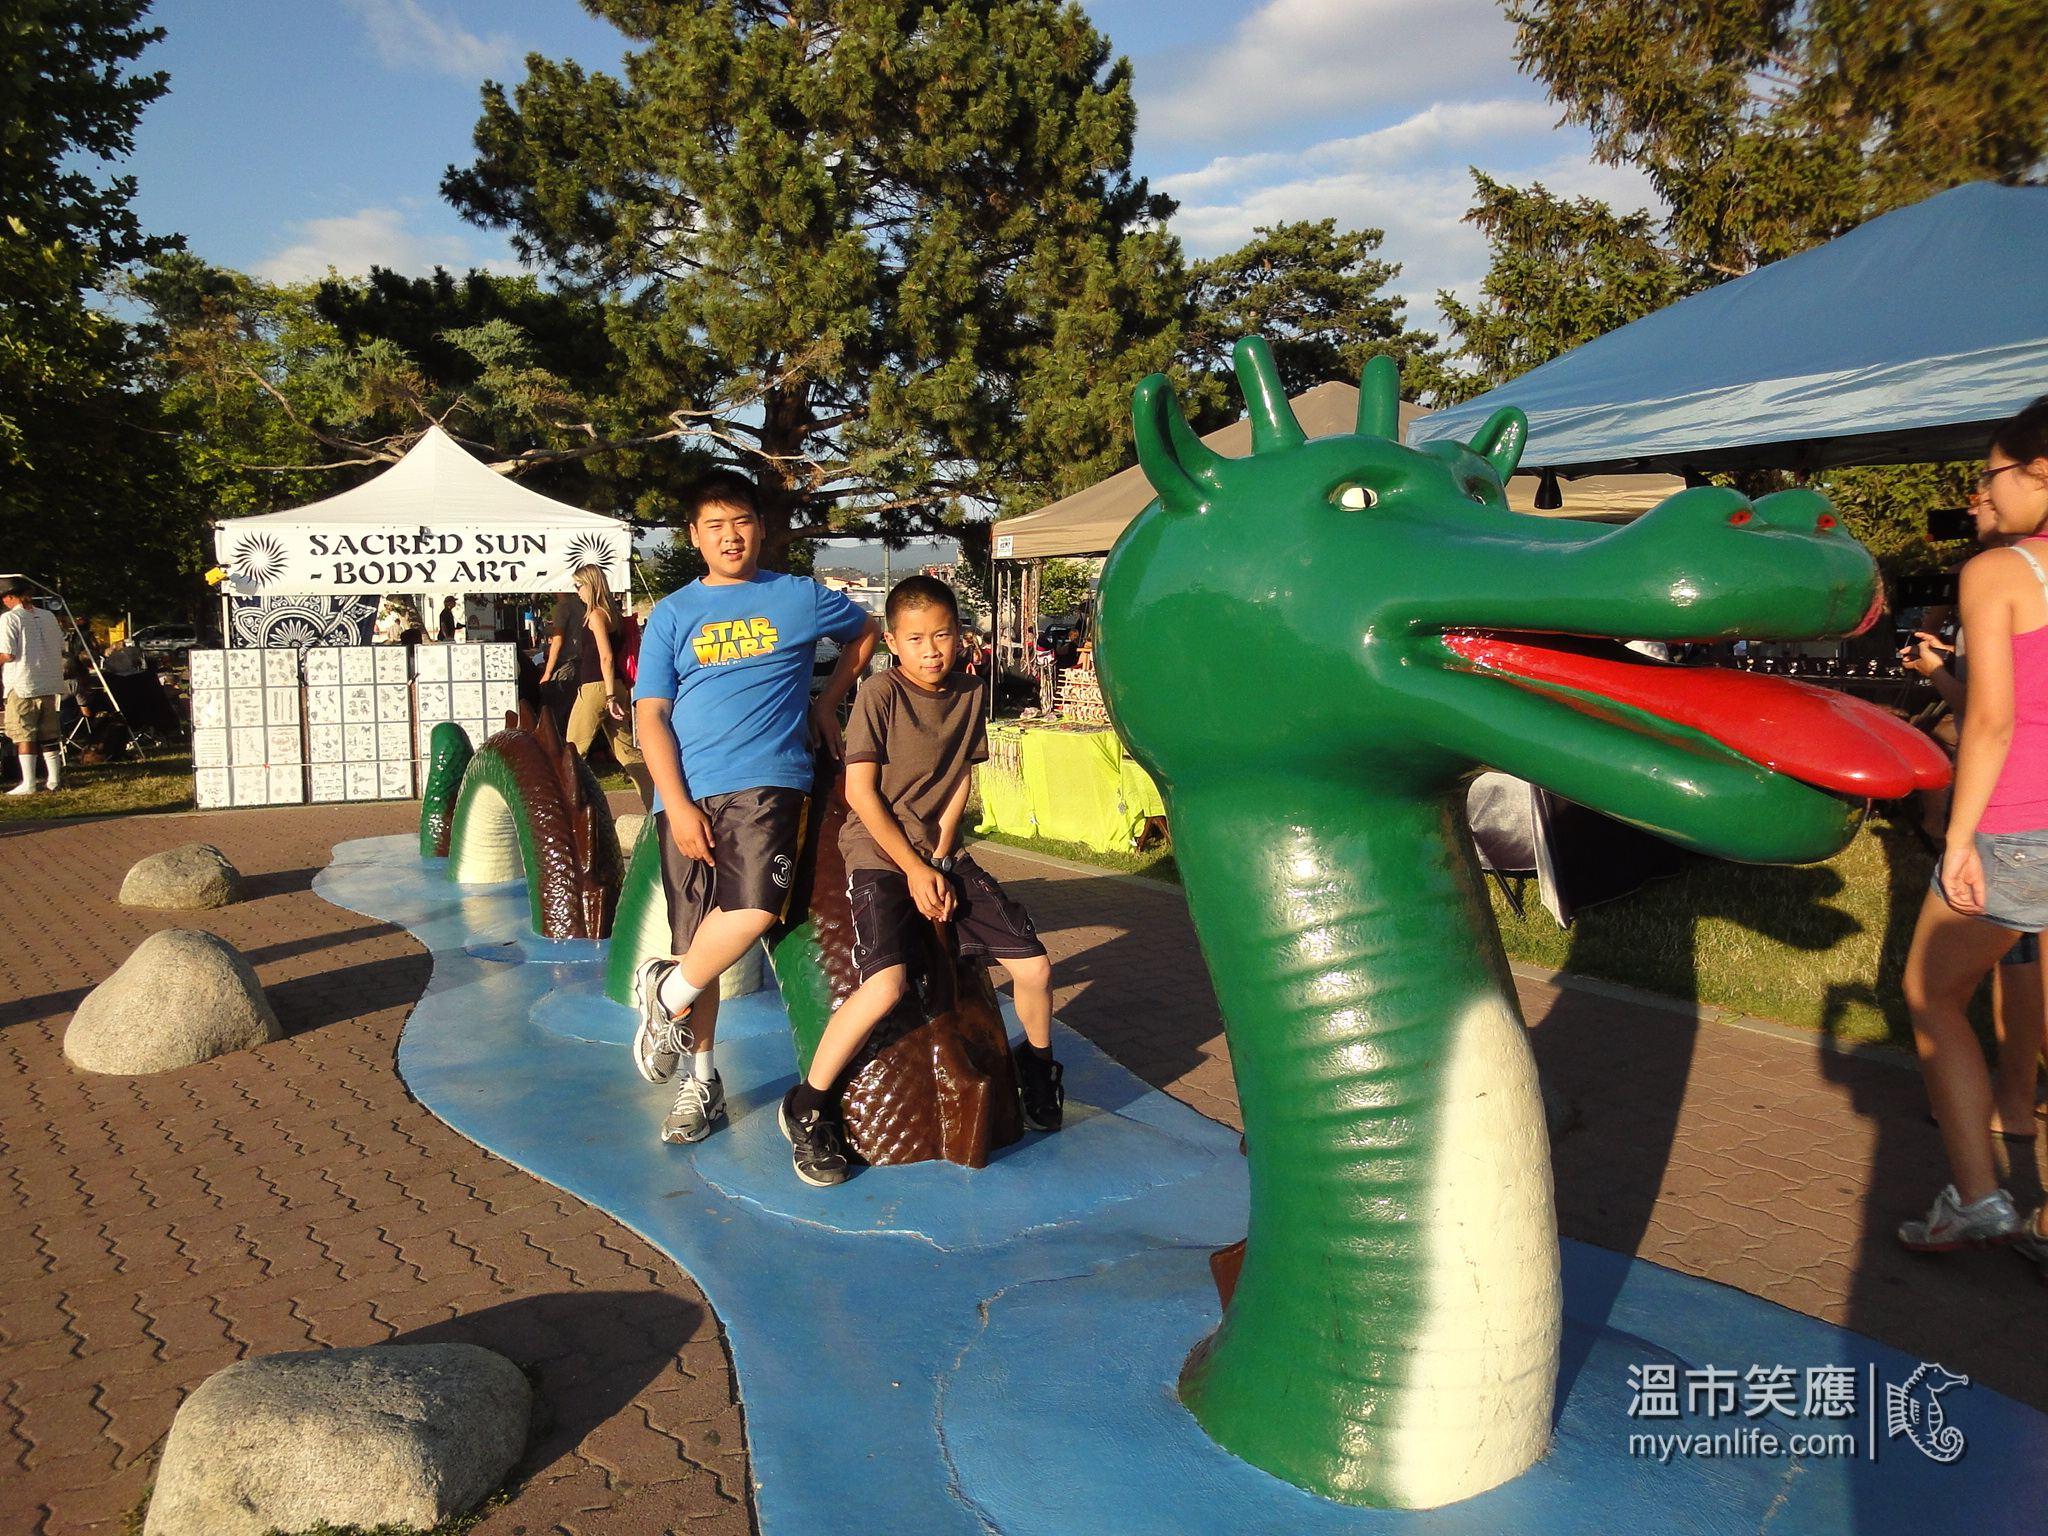 加拿大旅遊|神秘不輸尼斯湖傳說,加拿大的歐狗波狗水怪